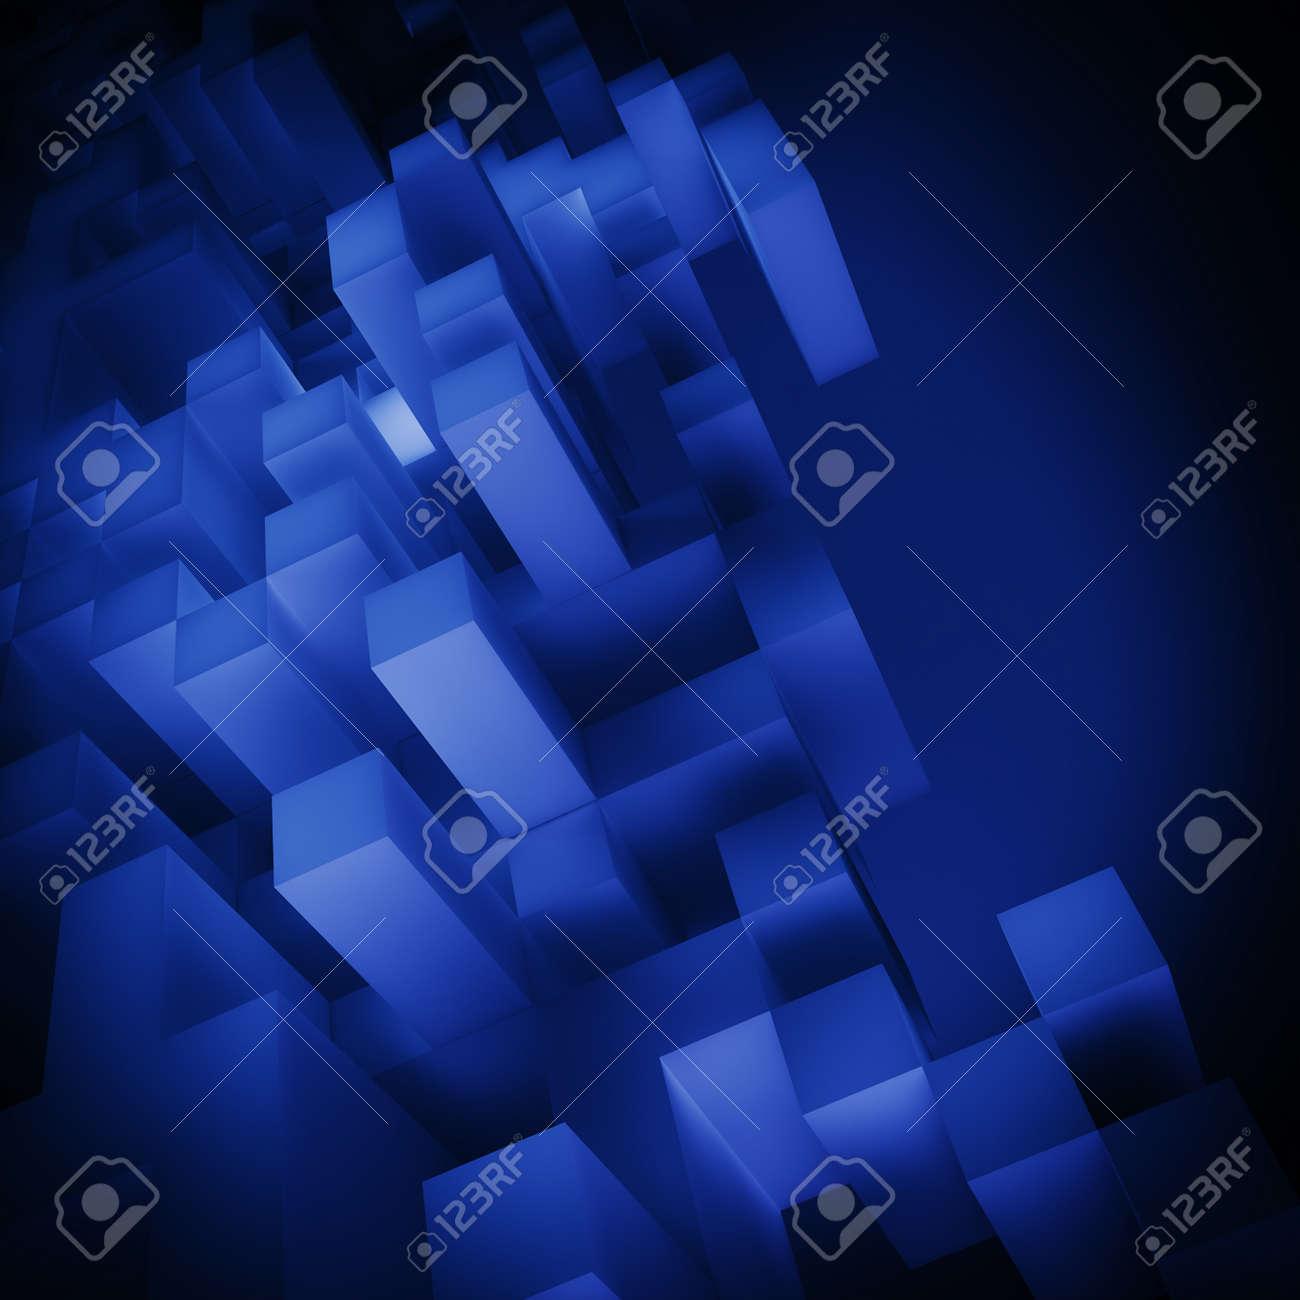 青色キューブ合成壁紙 の写真素材 画像素材 Image 18935998